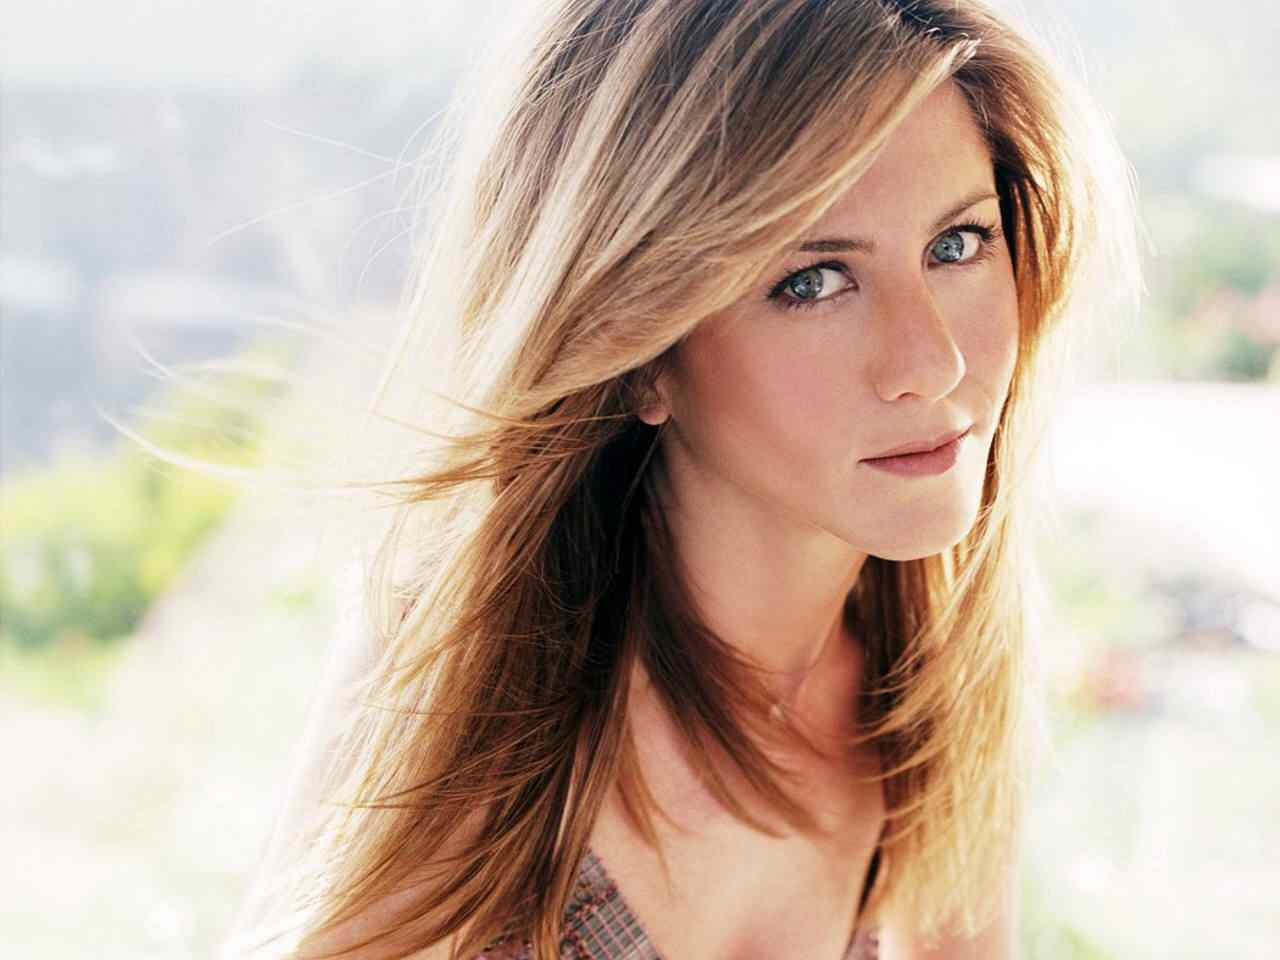 http://2.bp.blogspot.com/-mslKFMy1Kkc/Th6FR7i6CaI/AAAAAAAAHWY/lIjVhmrE4Kc/s1600/Jennifer+-Aniston-21.jpg